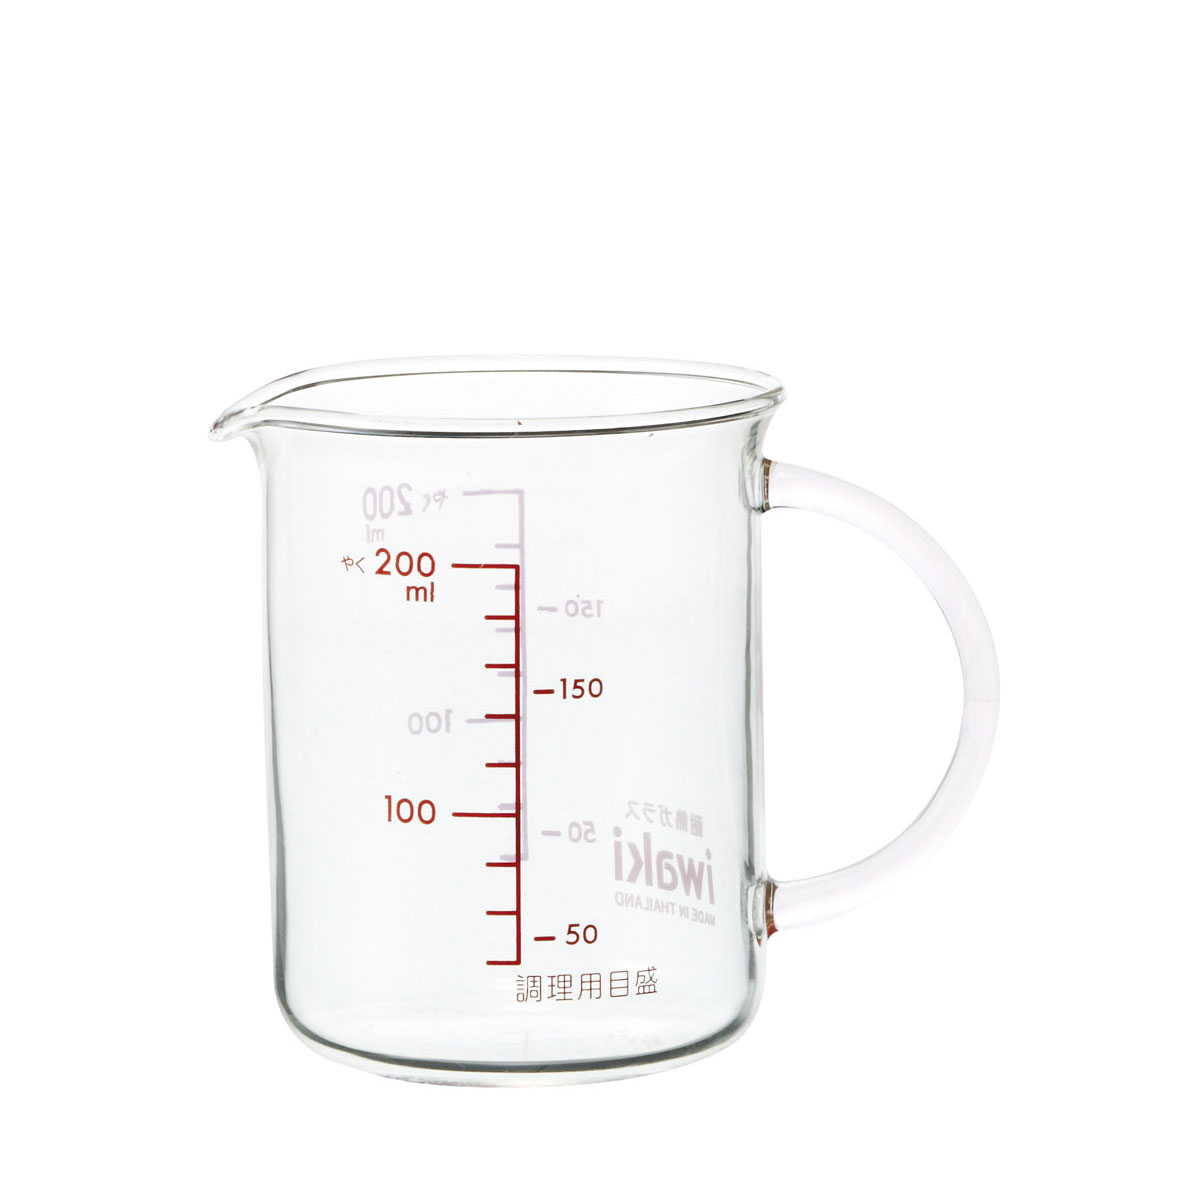 ドレッシングを混ぜたり ミルクを温めたり 卓抜 信頼 使い方いろいろ iwaki把手付メジャーカップ 200ml